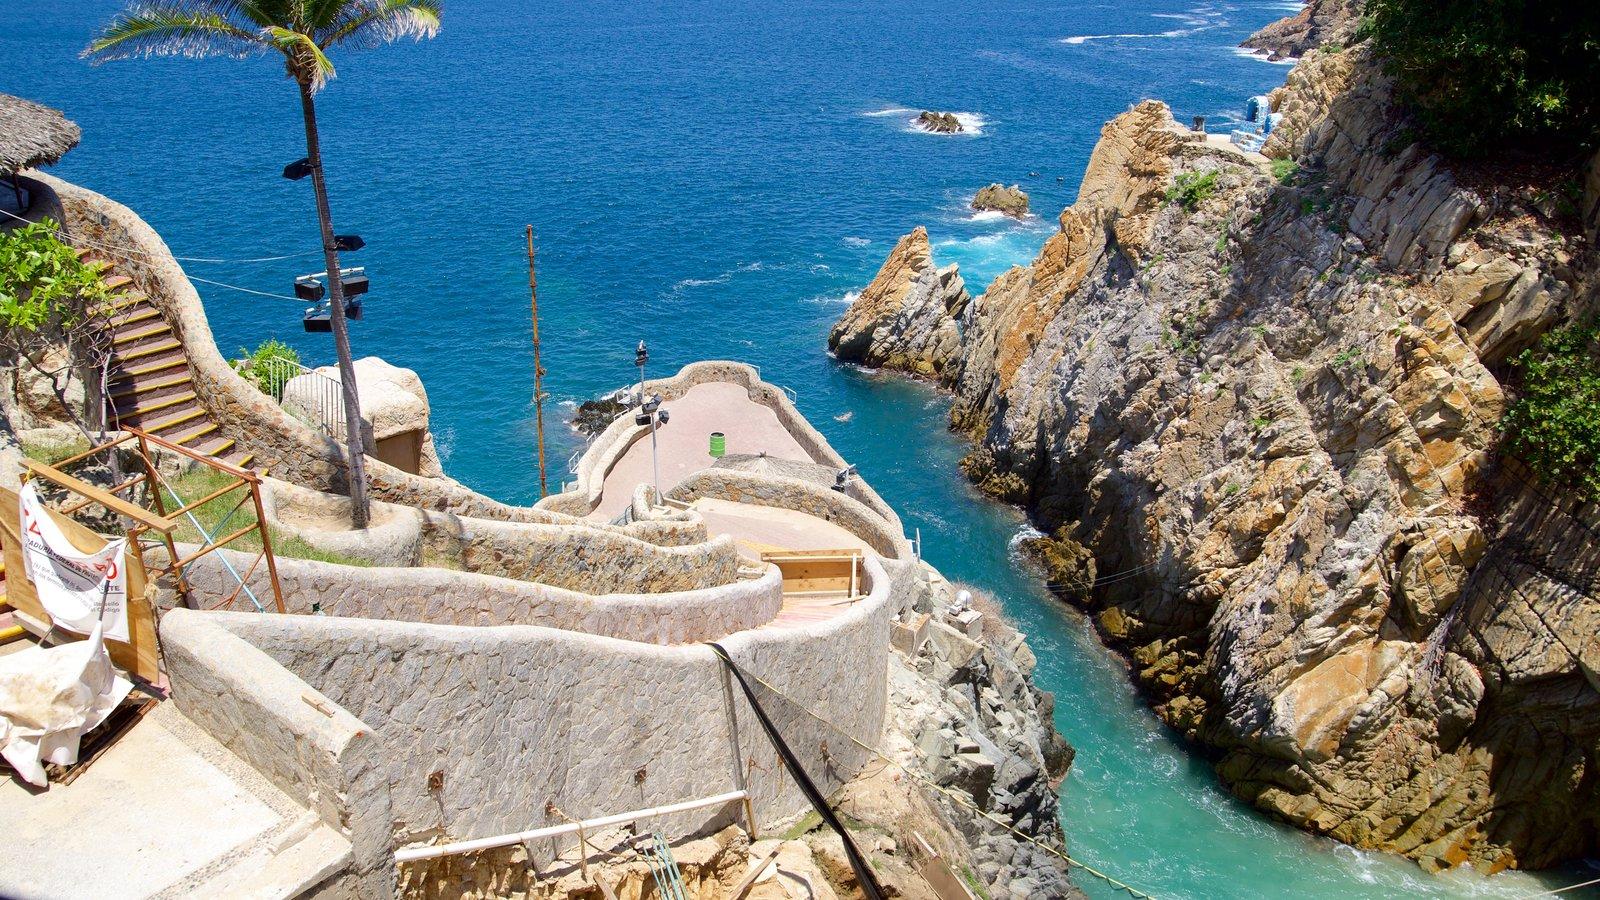 Excursiones Y Actividades En Acapulco